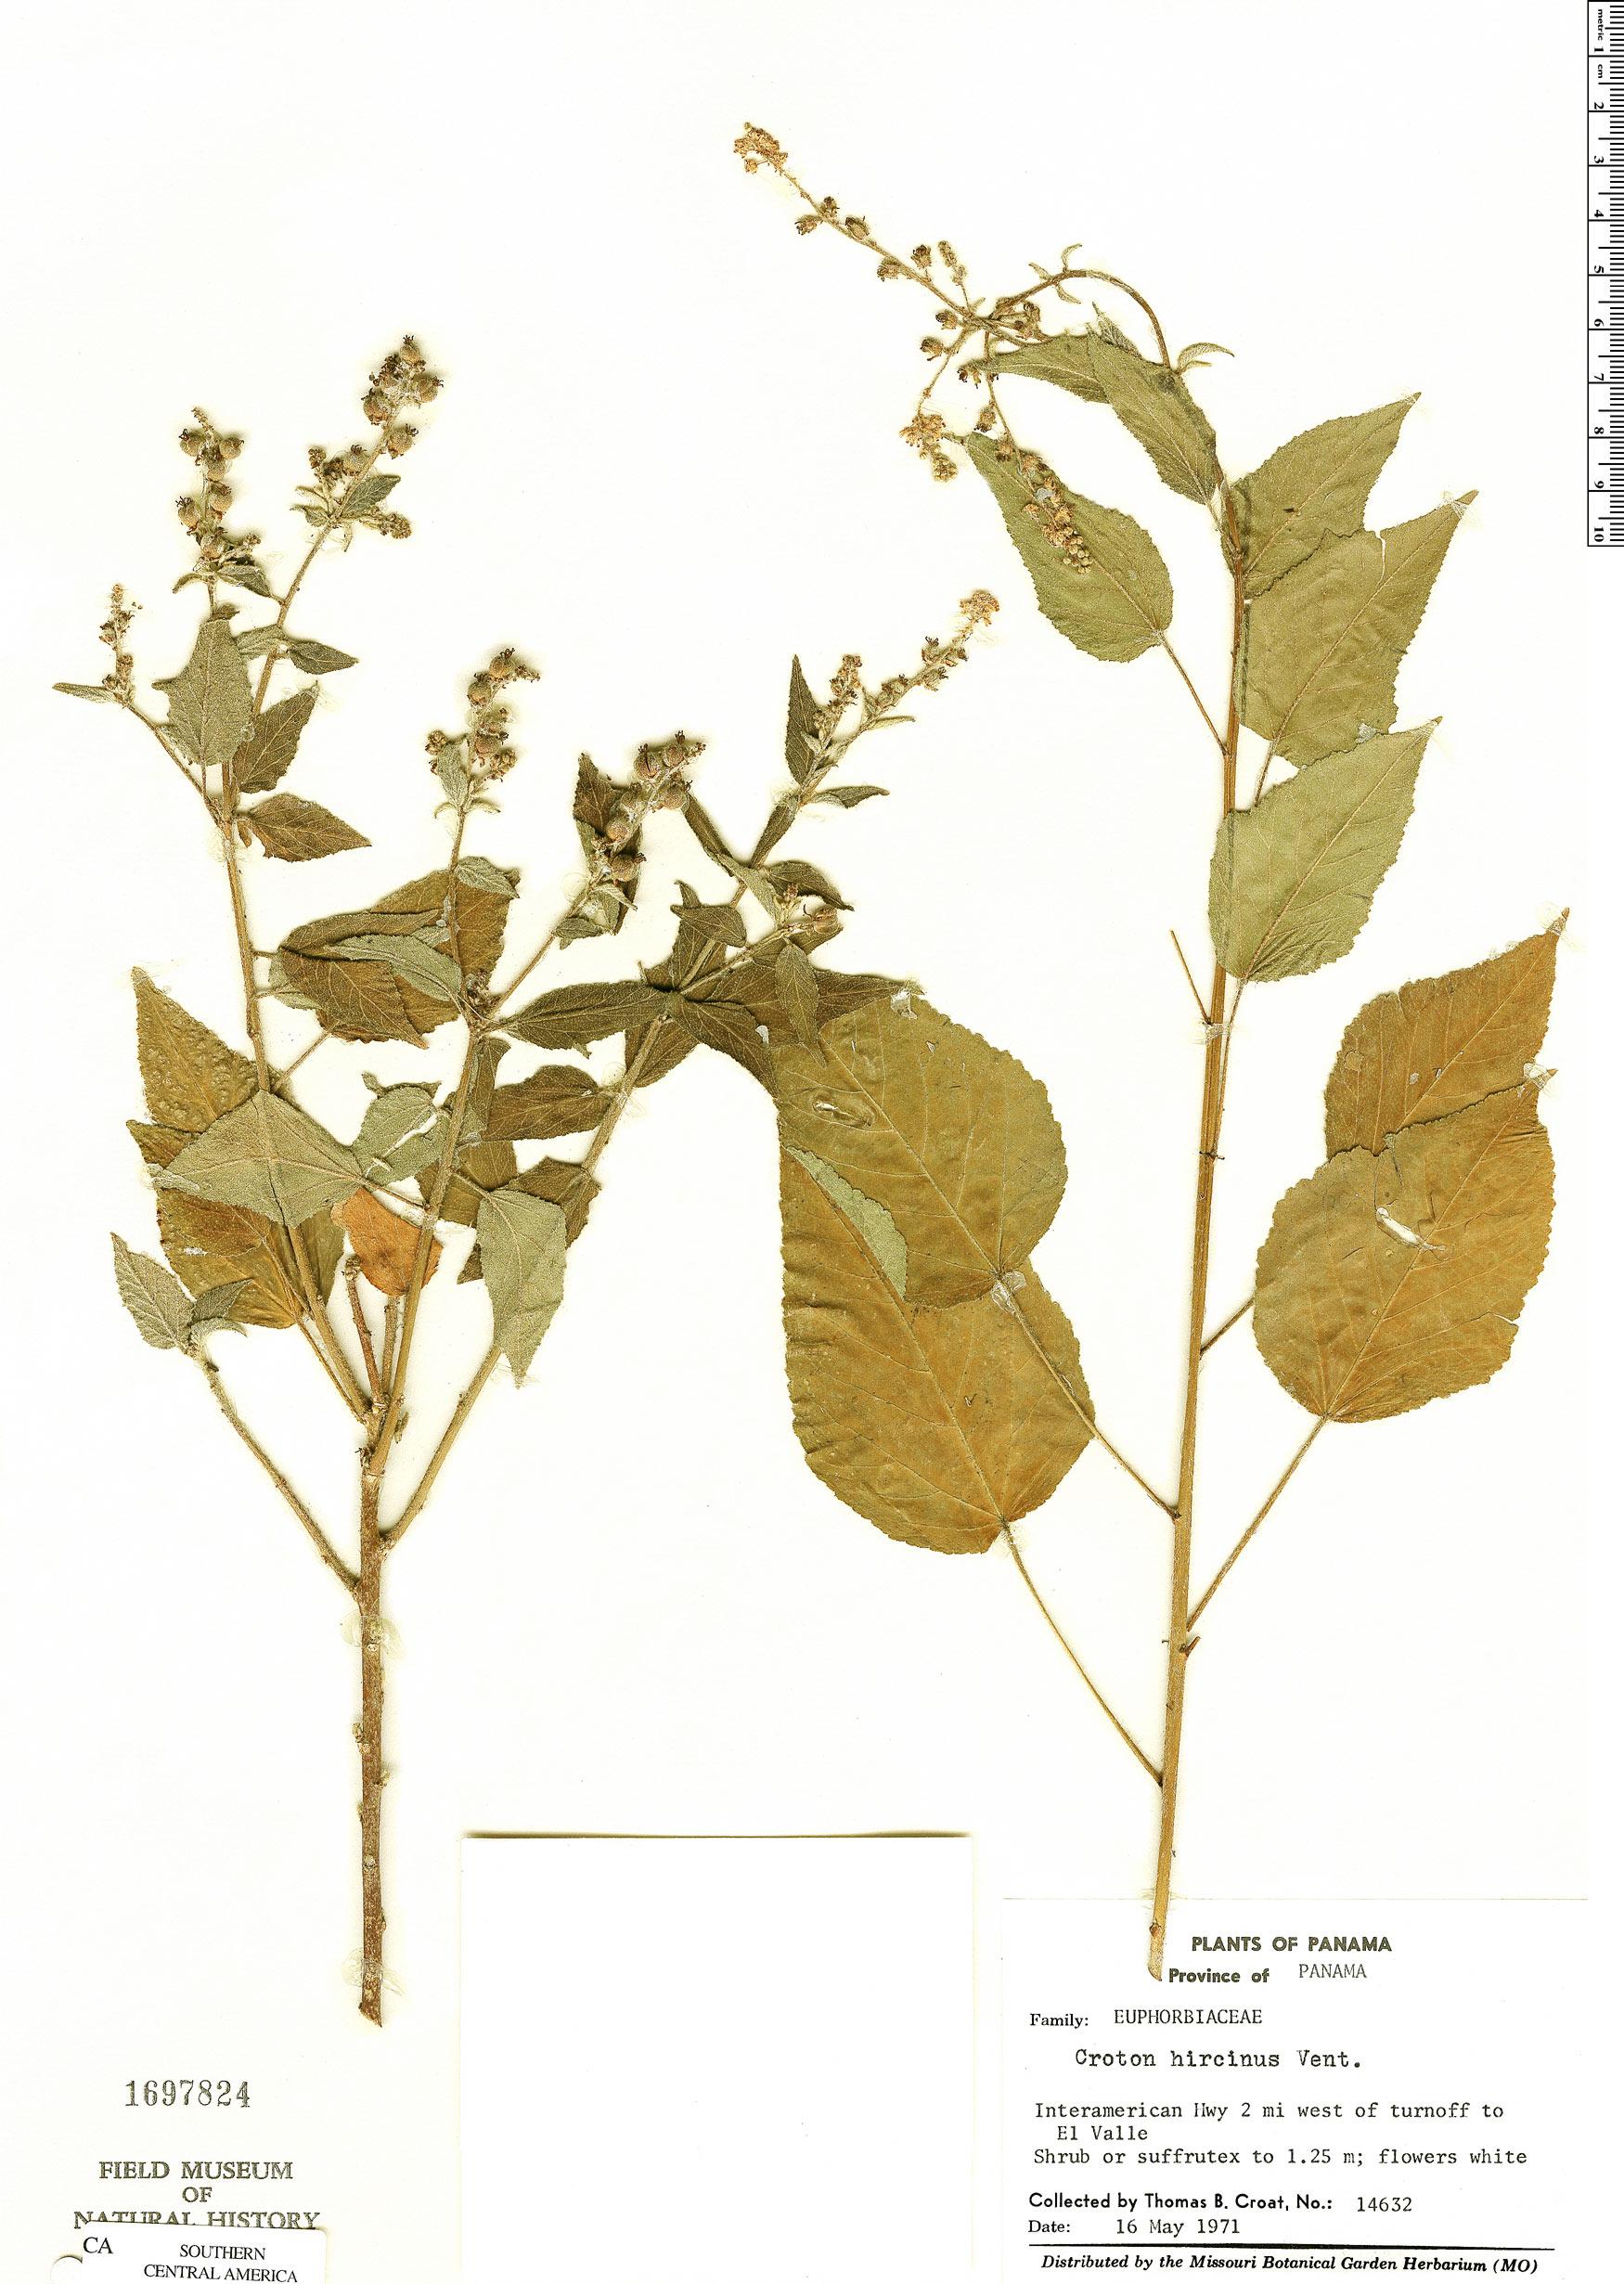 Specimen: Croton hircinus